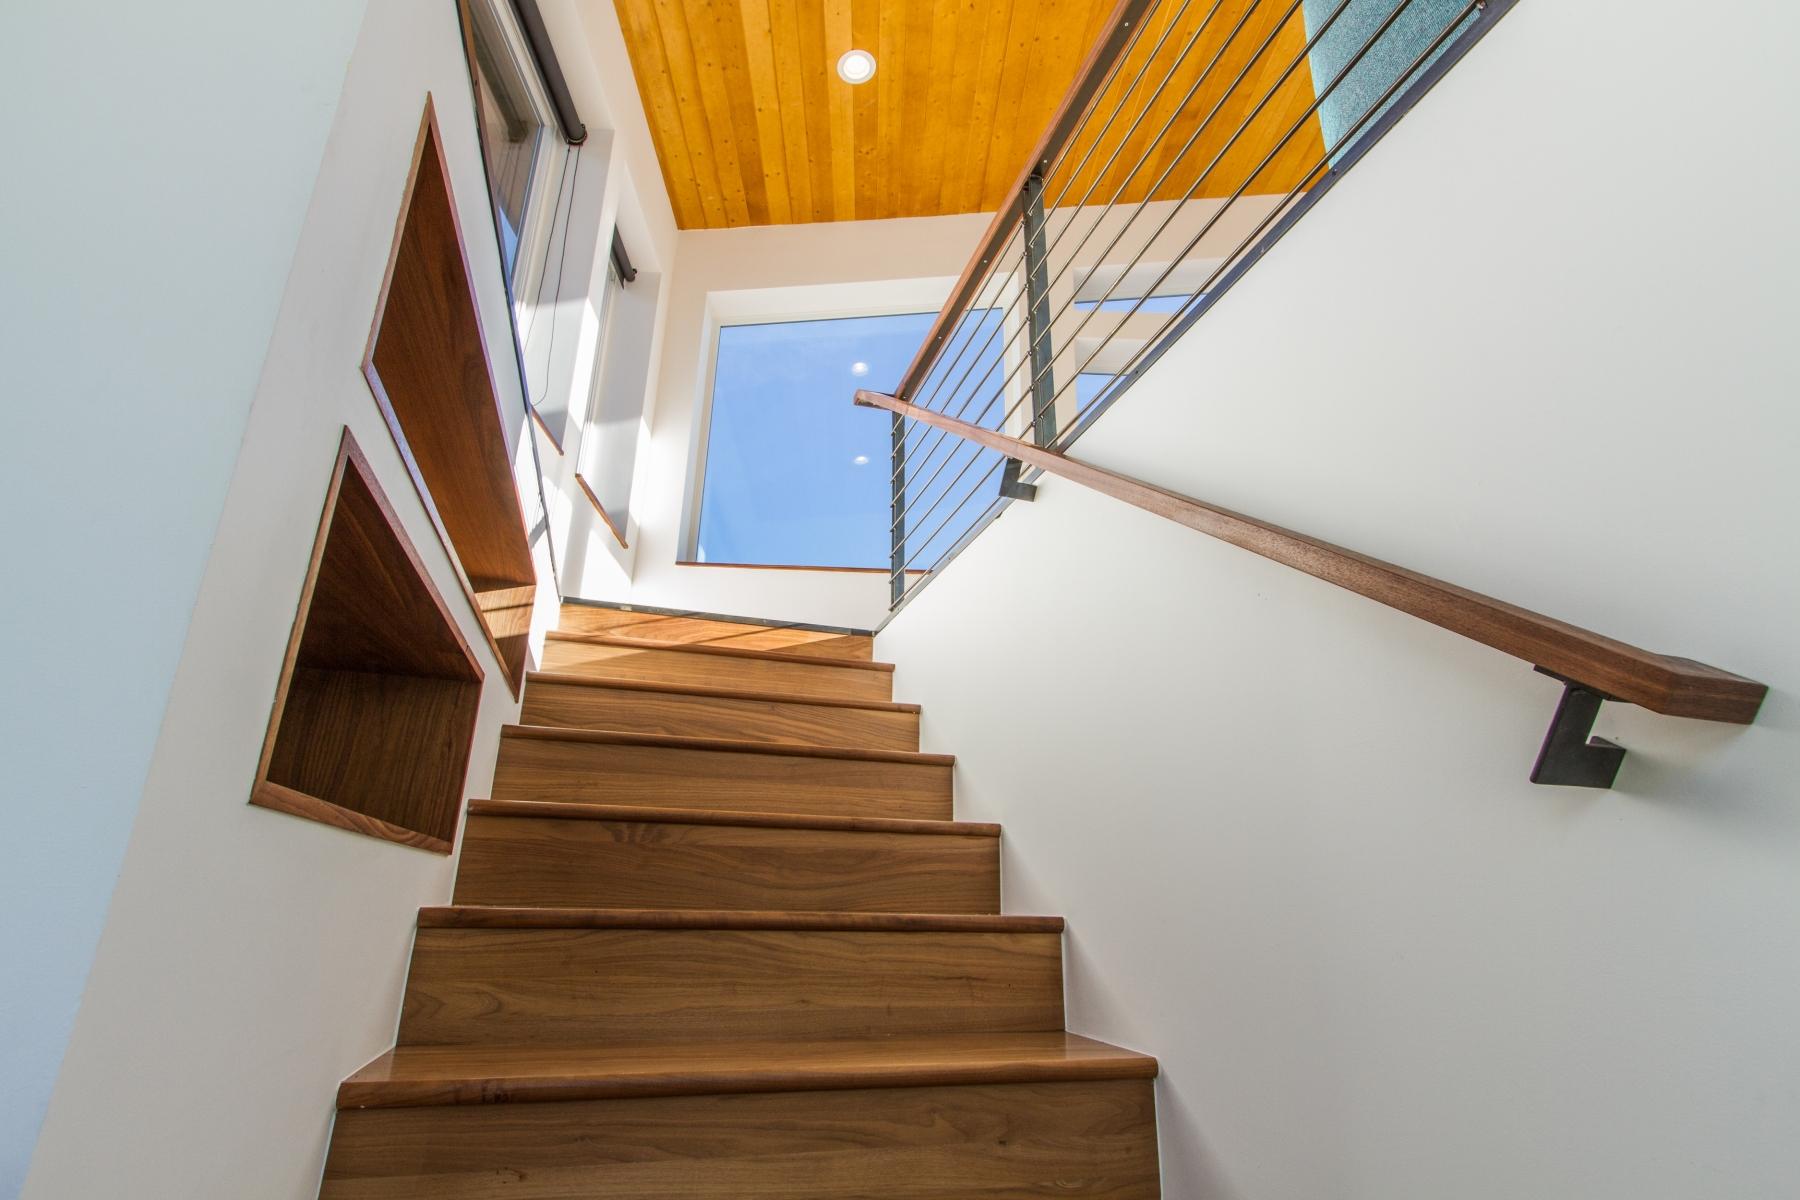 Staircase_1800x1200_2882510.jpg